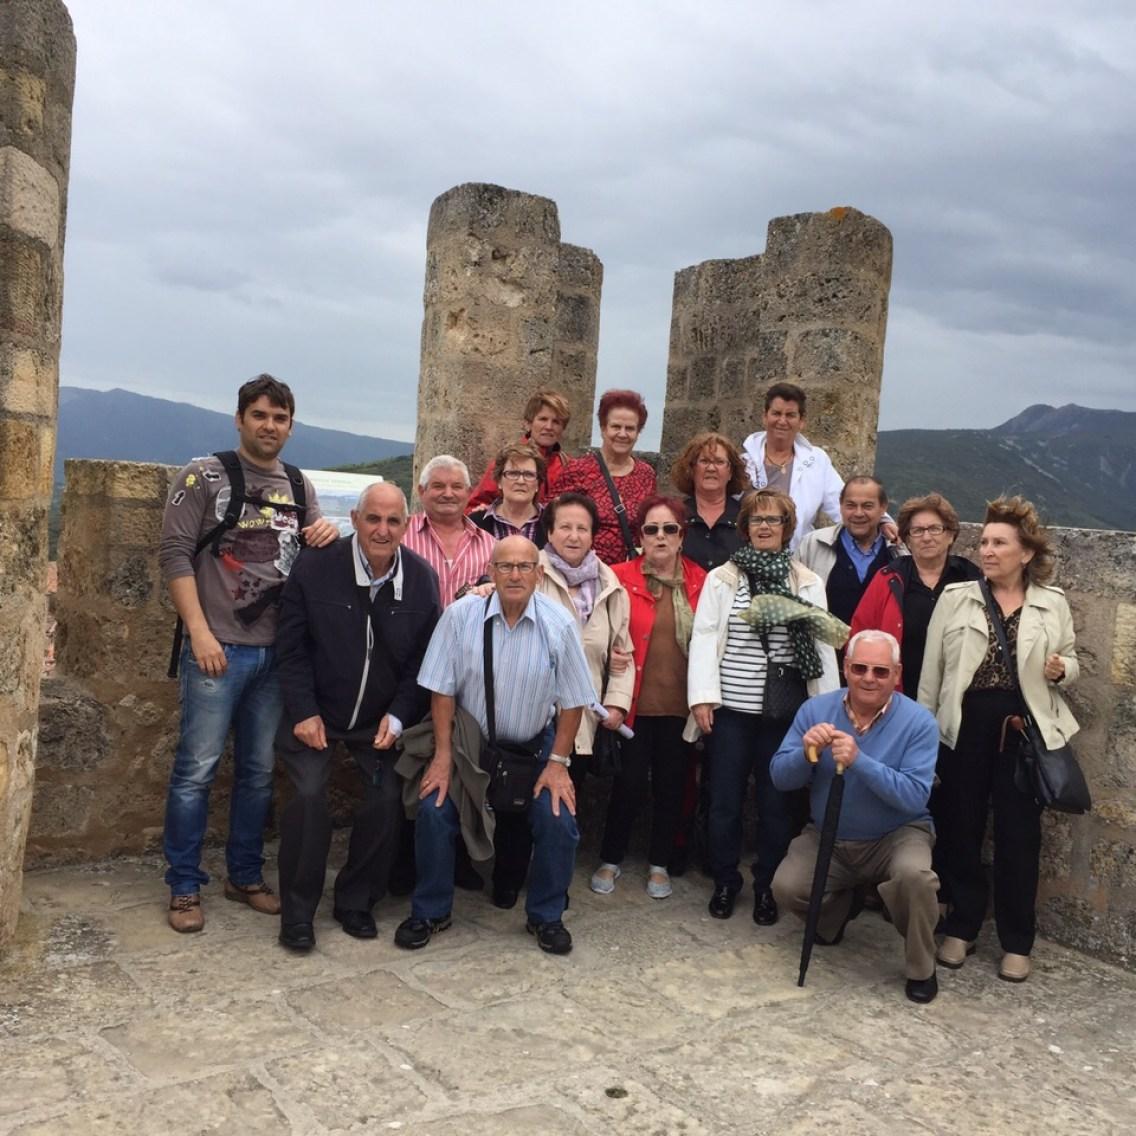 Un momento de la visita al castillo de Frías, Burgos